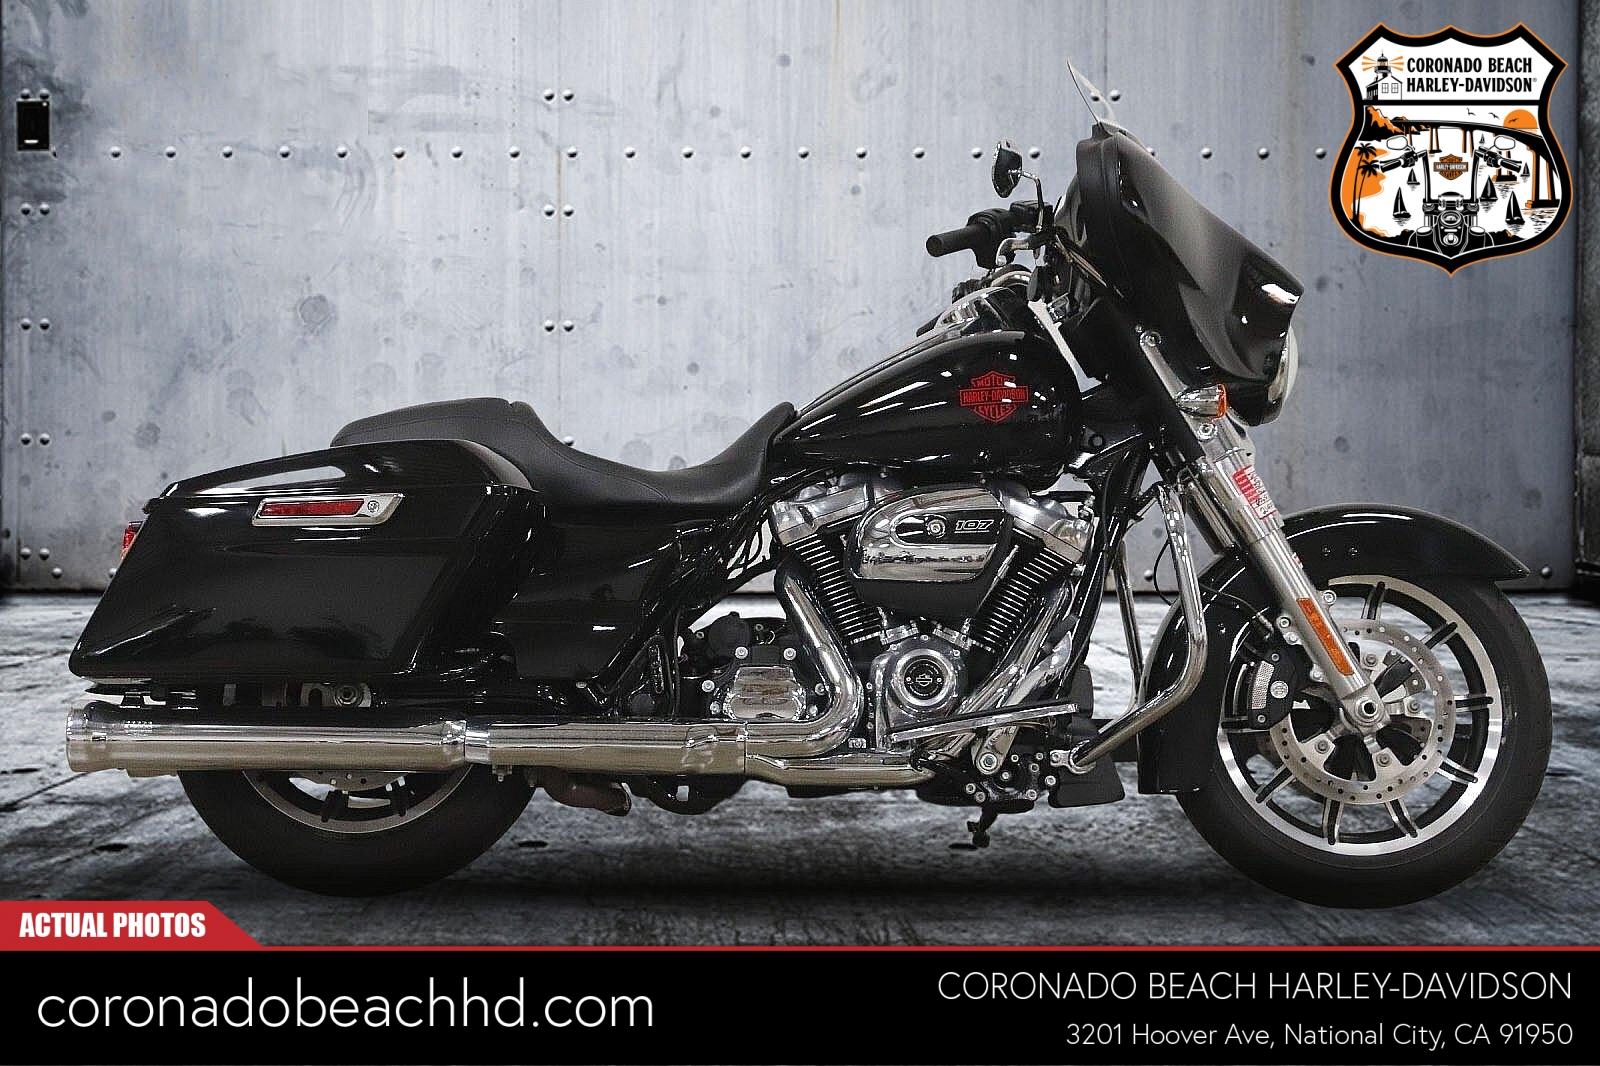 2019 Harley-Davidson Electra Glide Standard [68]